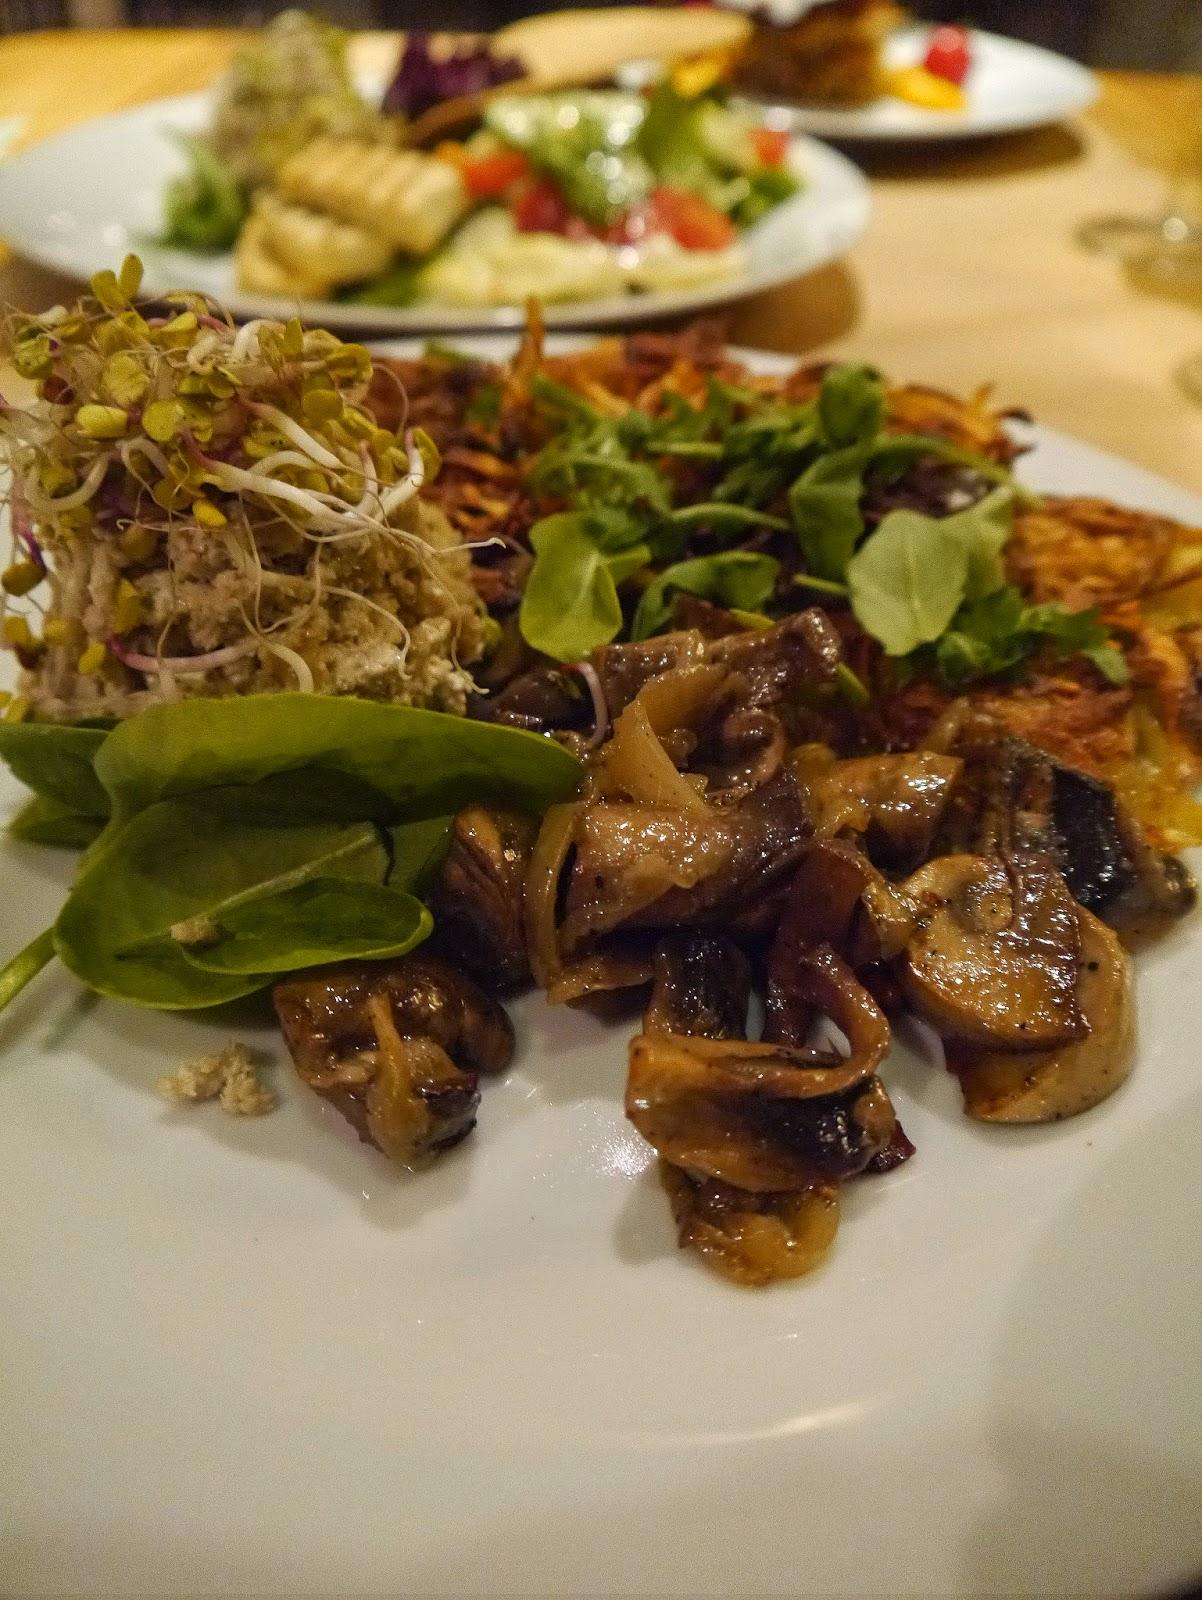 Restauracja wegetariańska, wegańska, bezglutenowa, Wielopole 3, placki ziemniaczane, majonez słonecznikowy